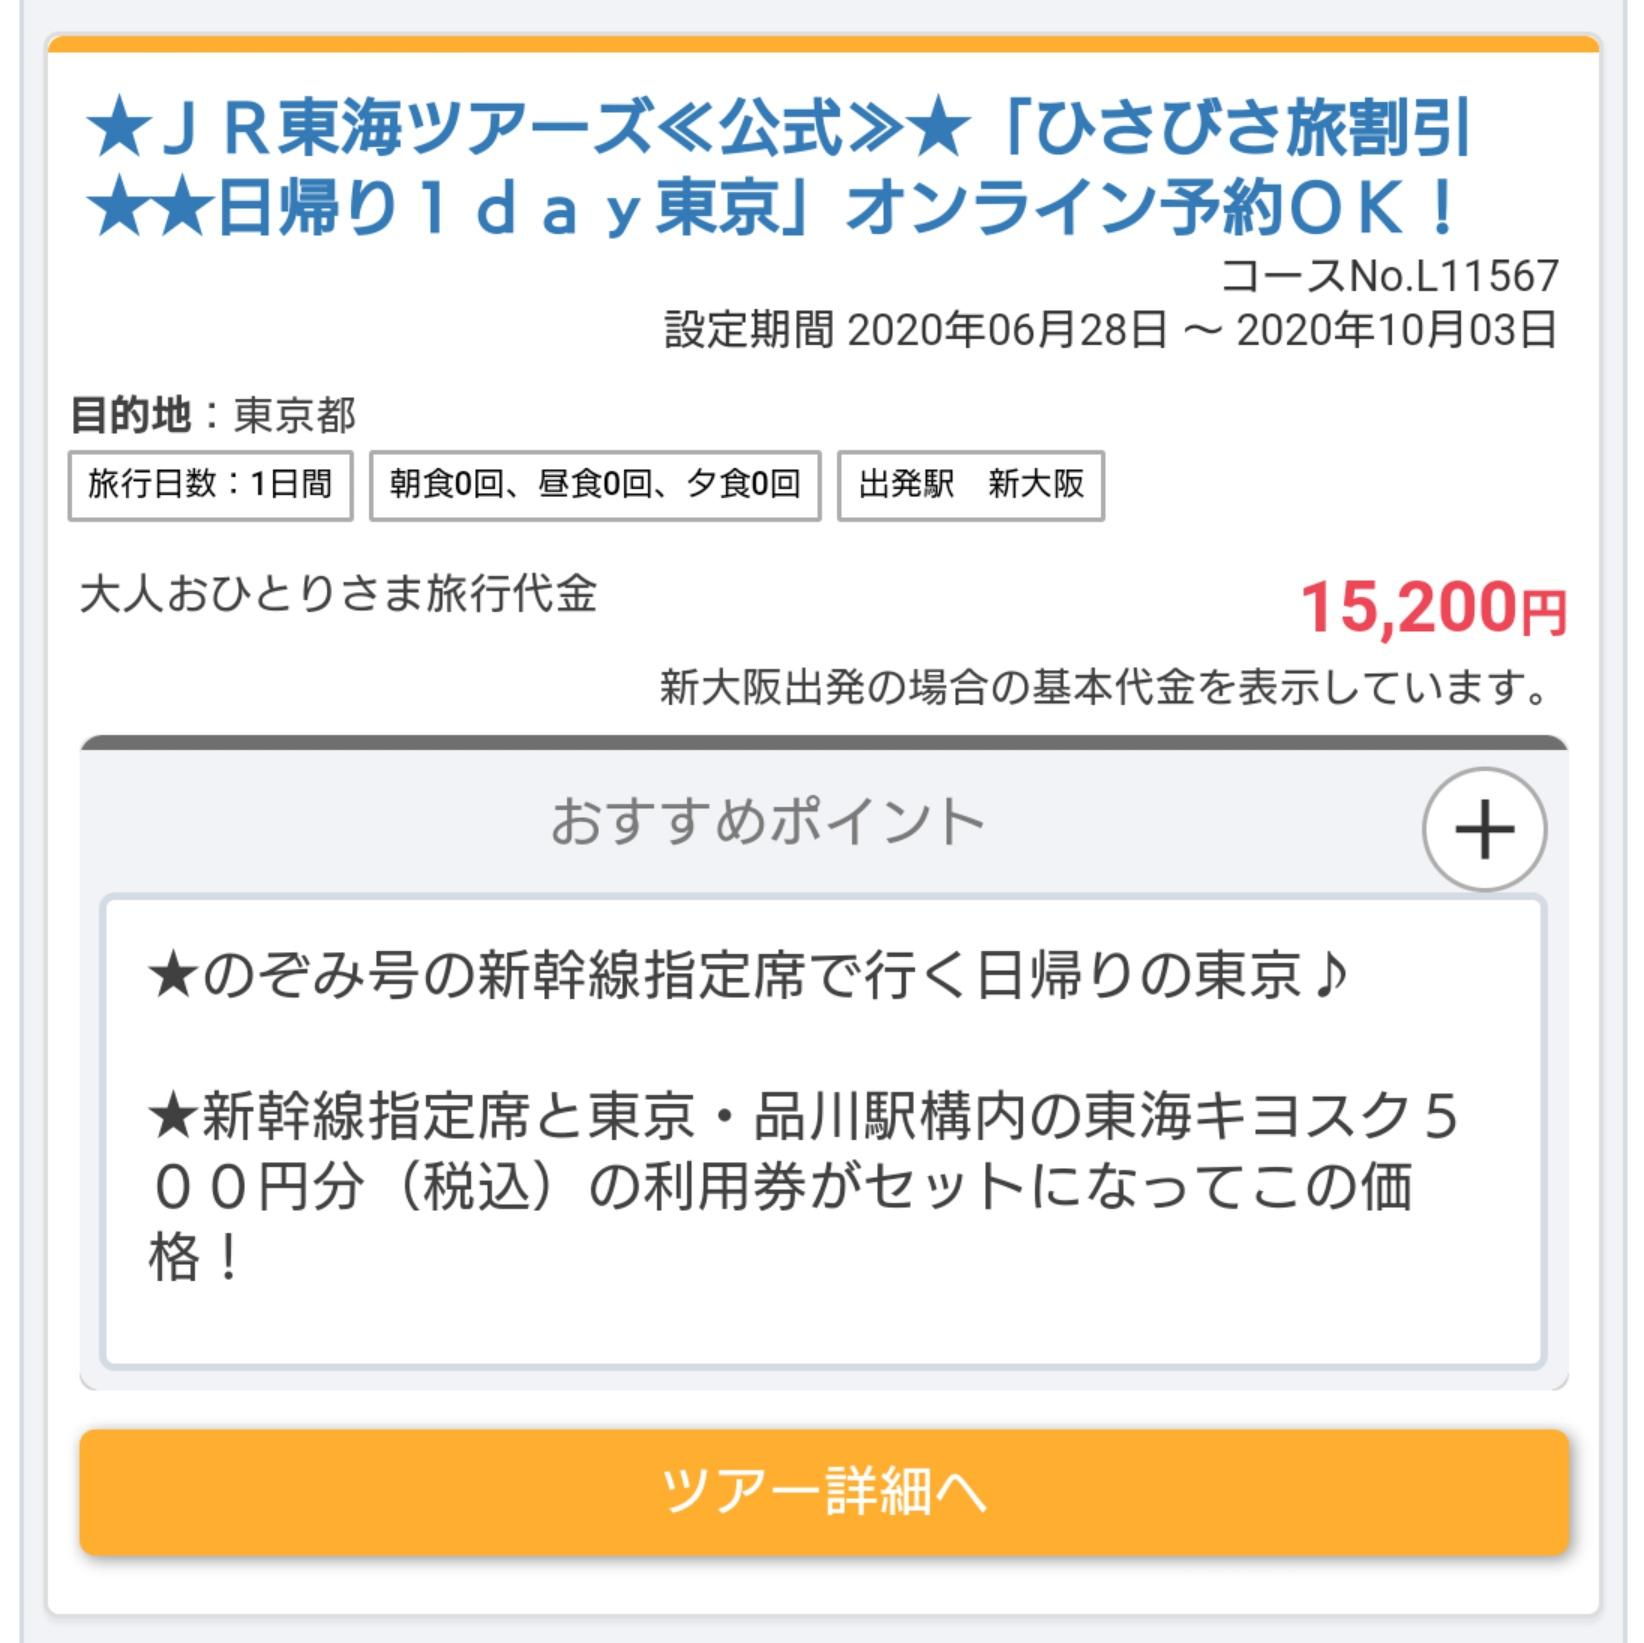 【Go Toキャンペーンより安い】全国の新幹線・特急を格安で使う方法 東京から新大阪が新幹線7000円